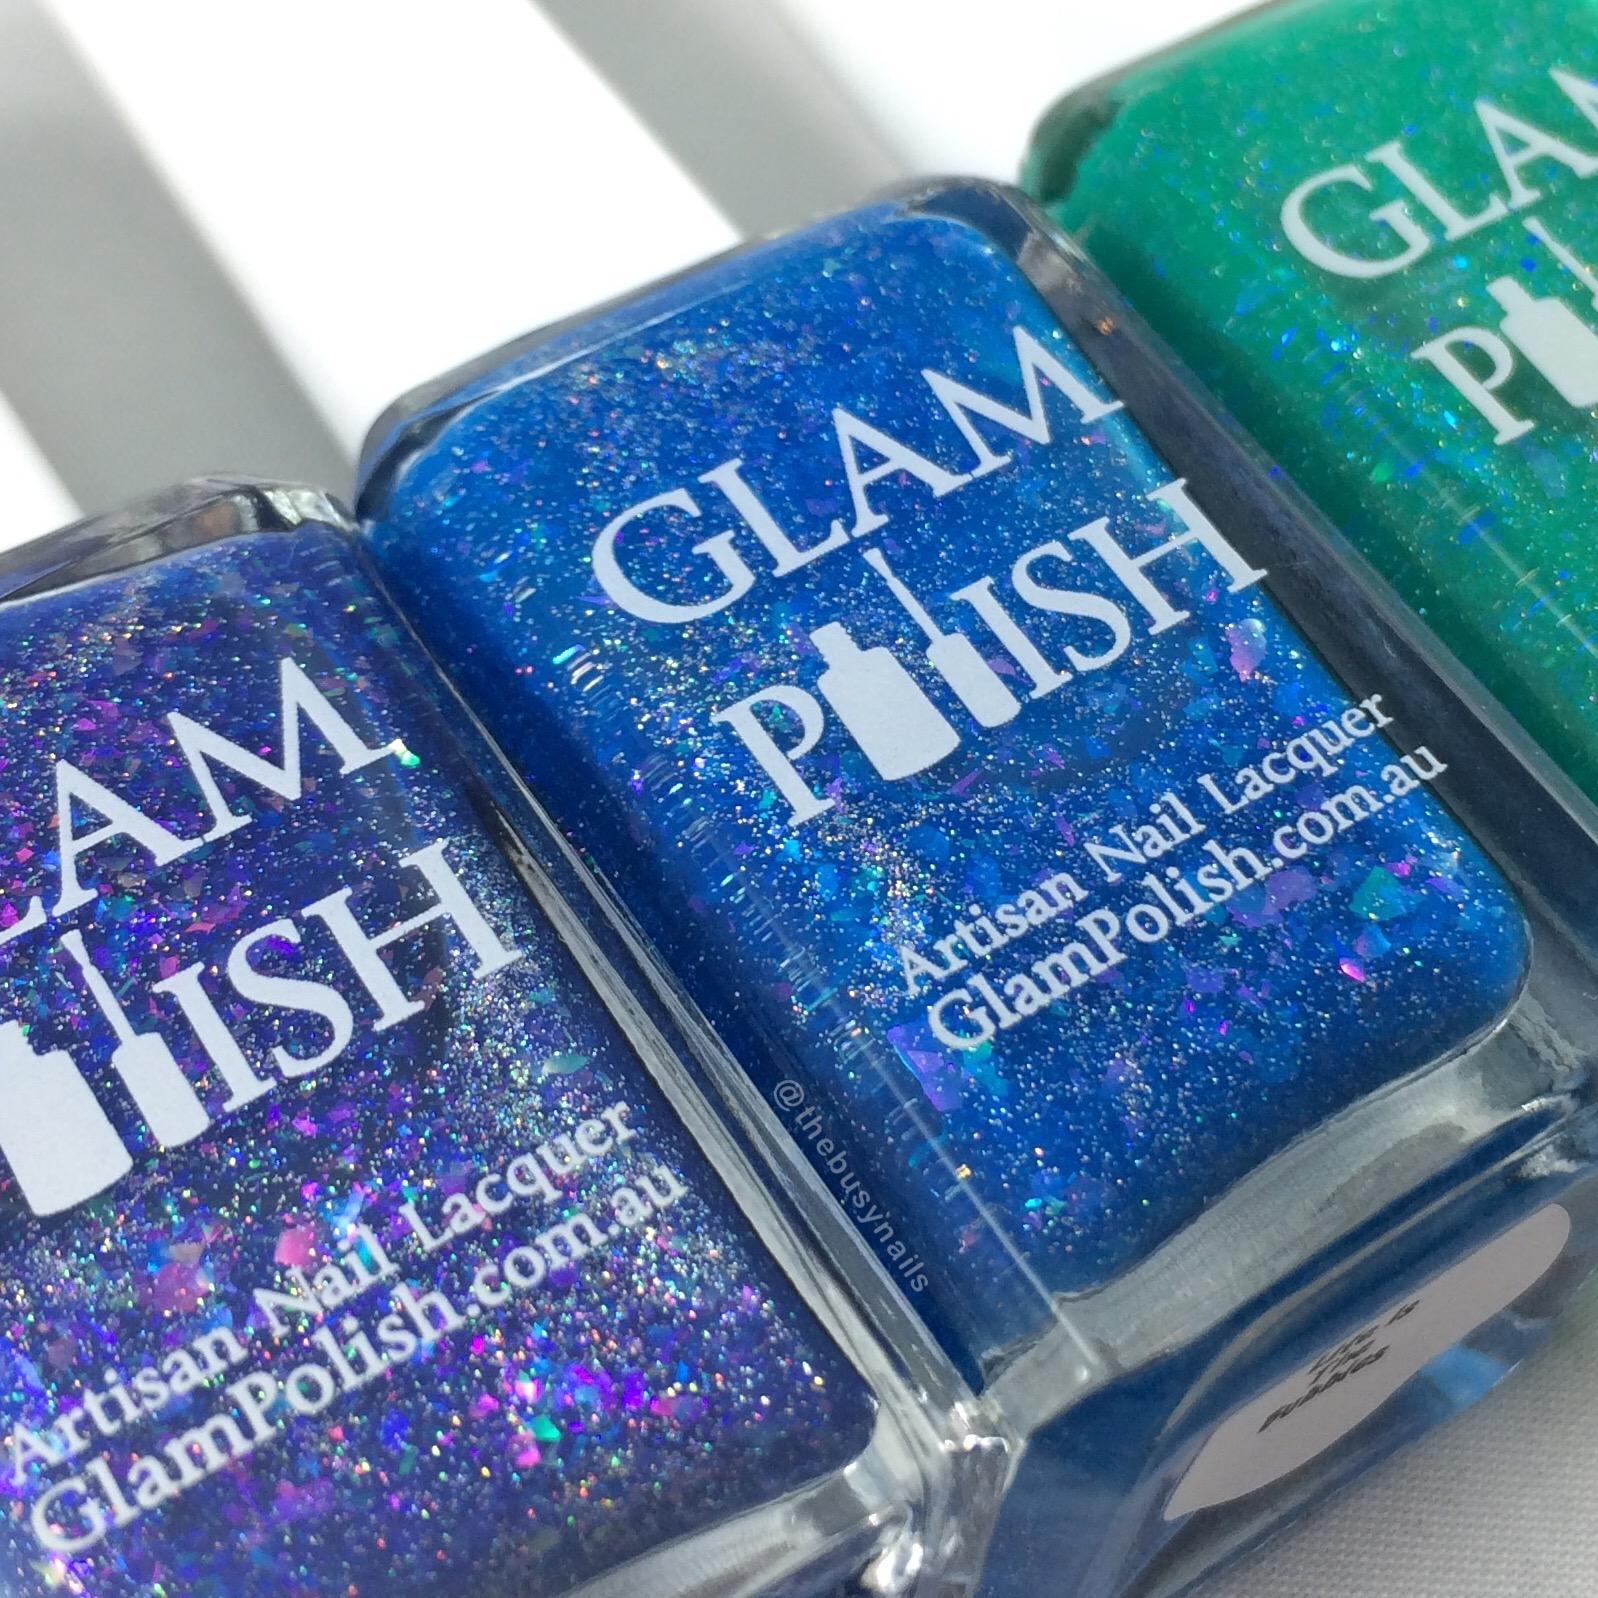 glam-polish-mermaid5.jpg